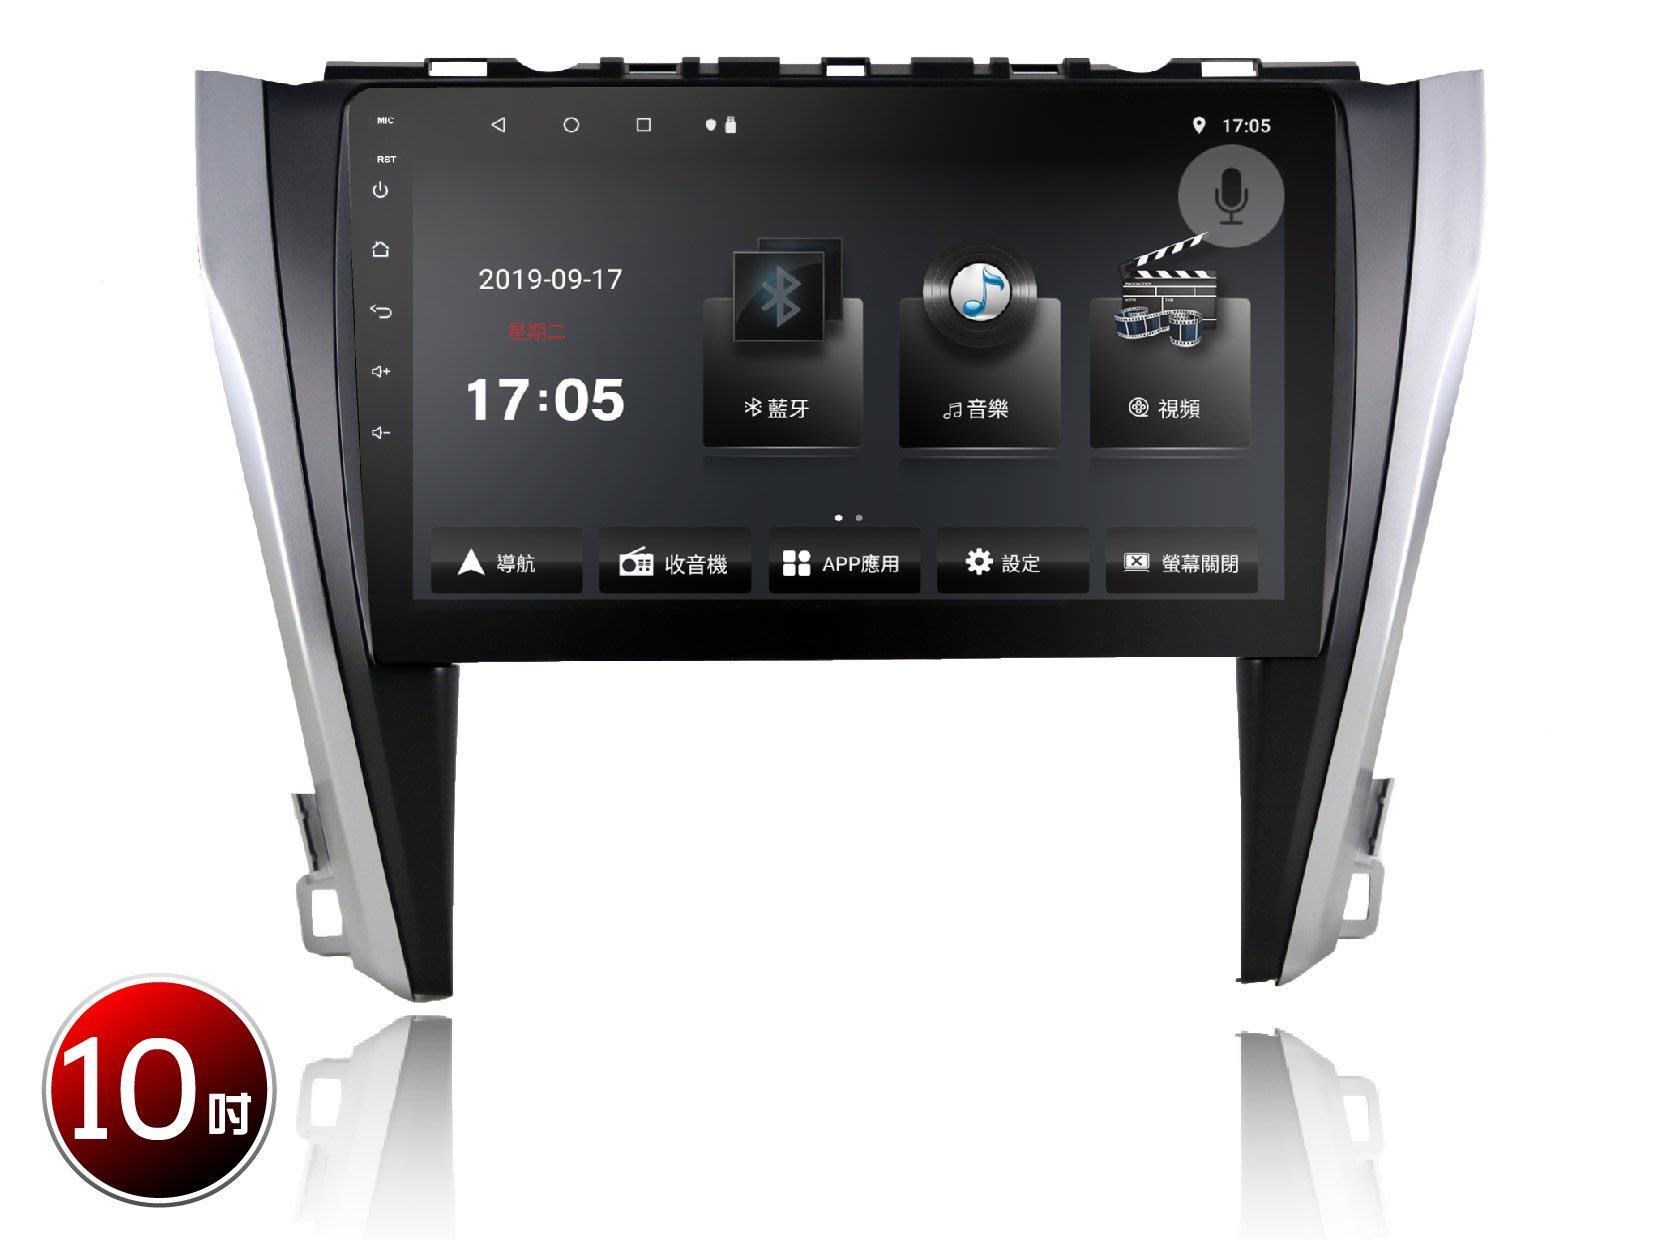 【全昇音響 】15CAMRY V33 專用機 八核心 一年商品保固,台灣電檢合格商品 G+G雙層鋼化玻璃 支援AHD鏡頭